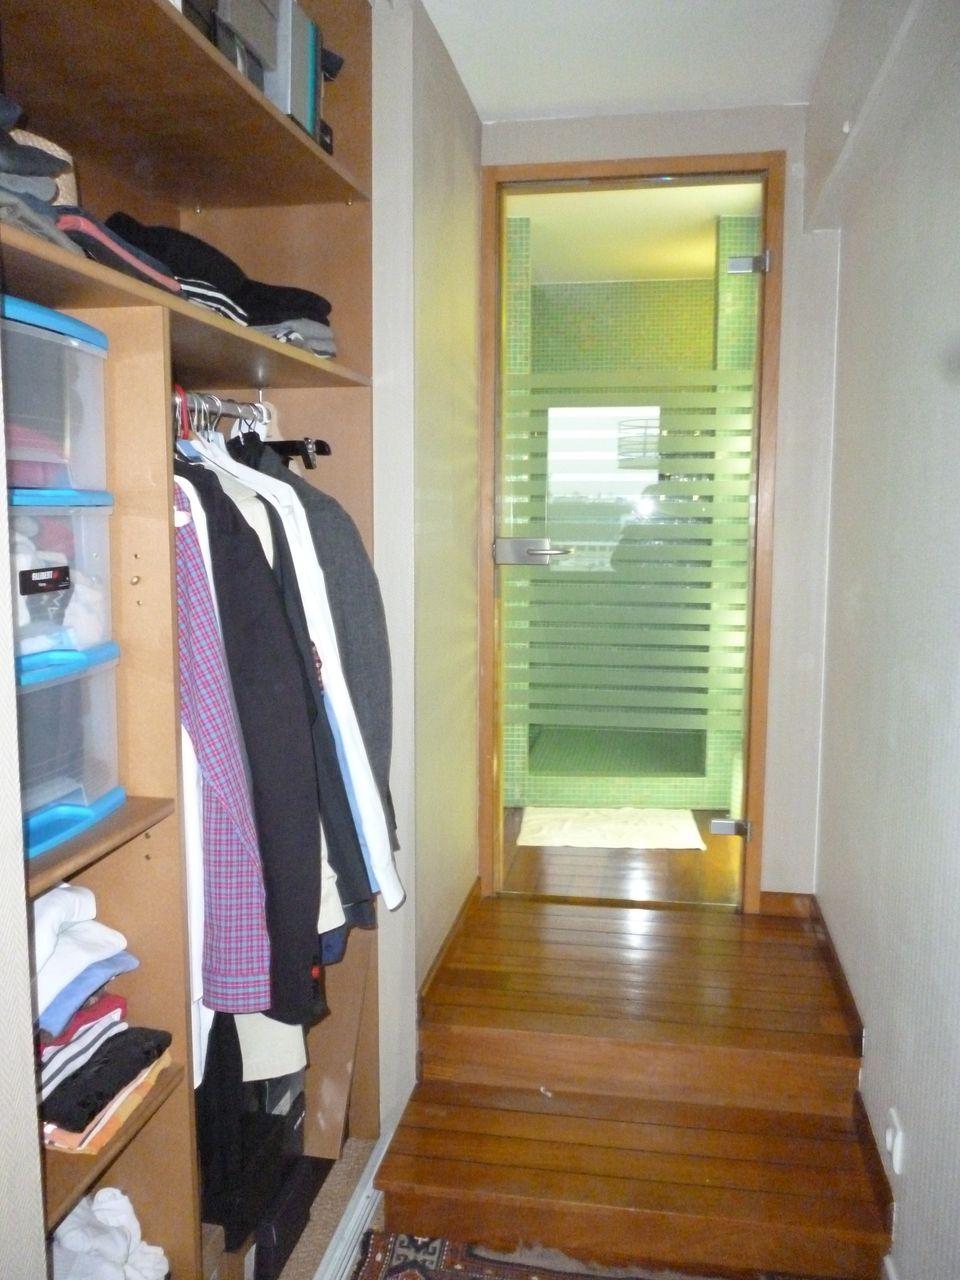 Location appartement Nancy : dénichez la meilleure offre